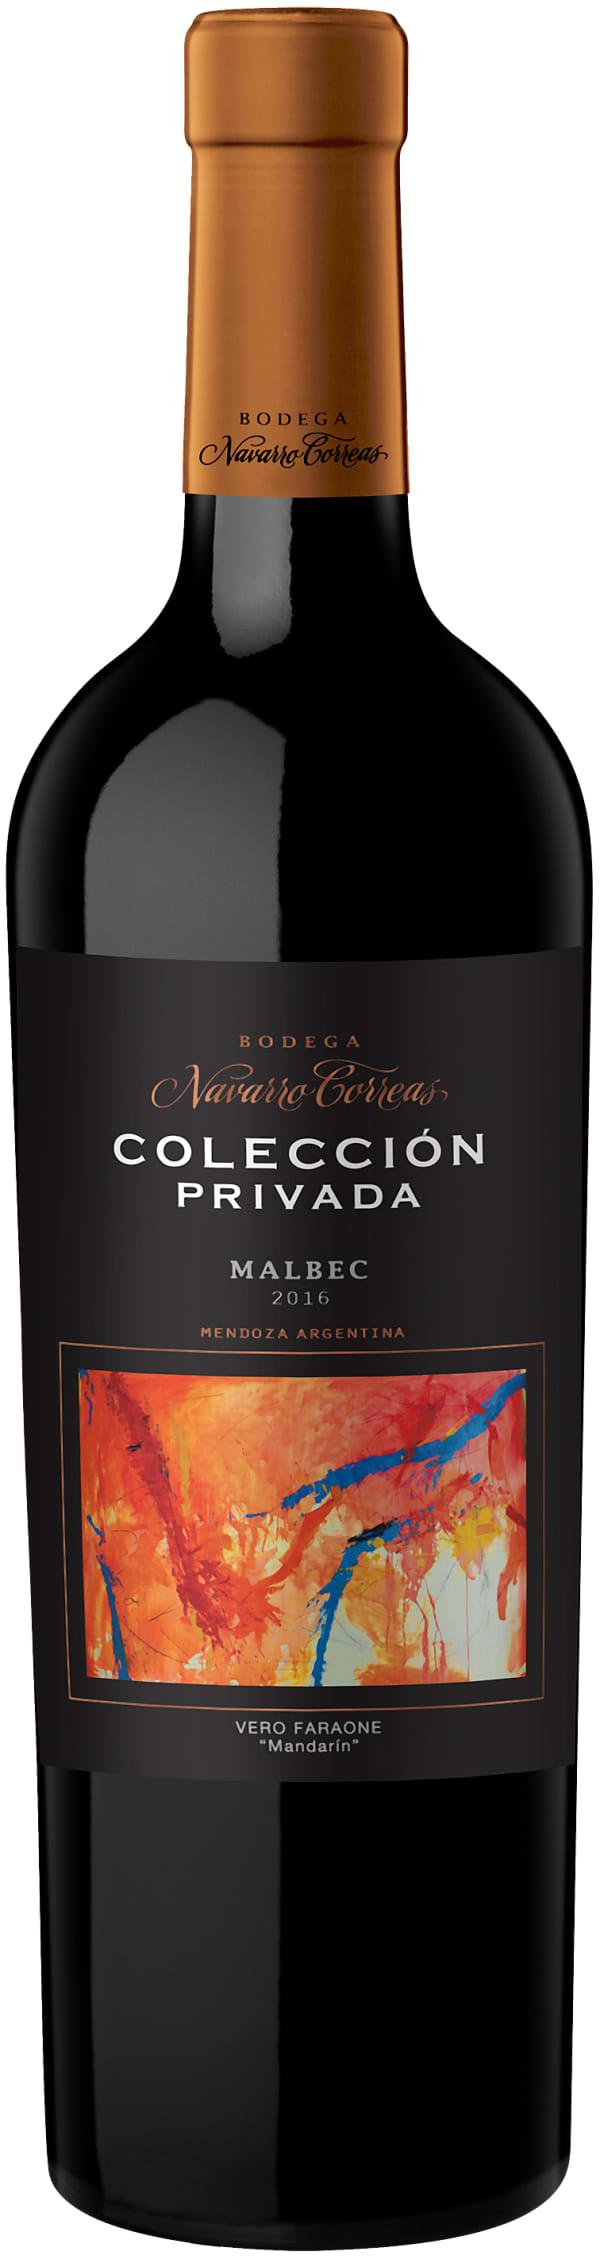 Navarro Correas Colección Privada Malbec 2017